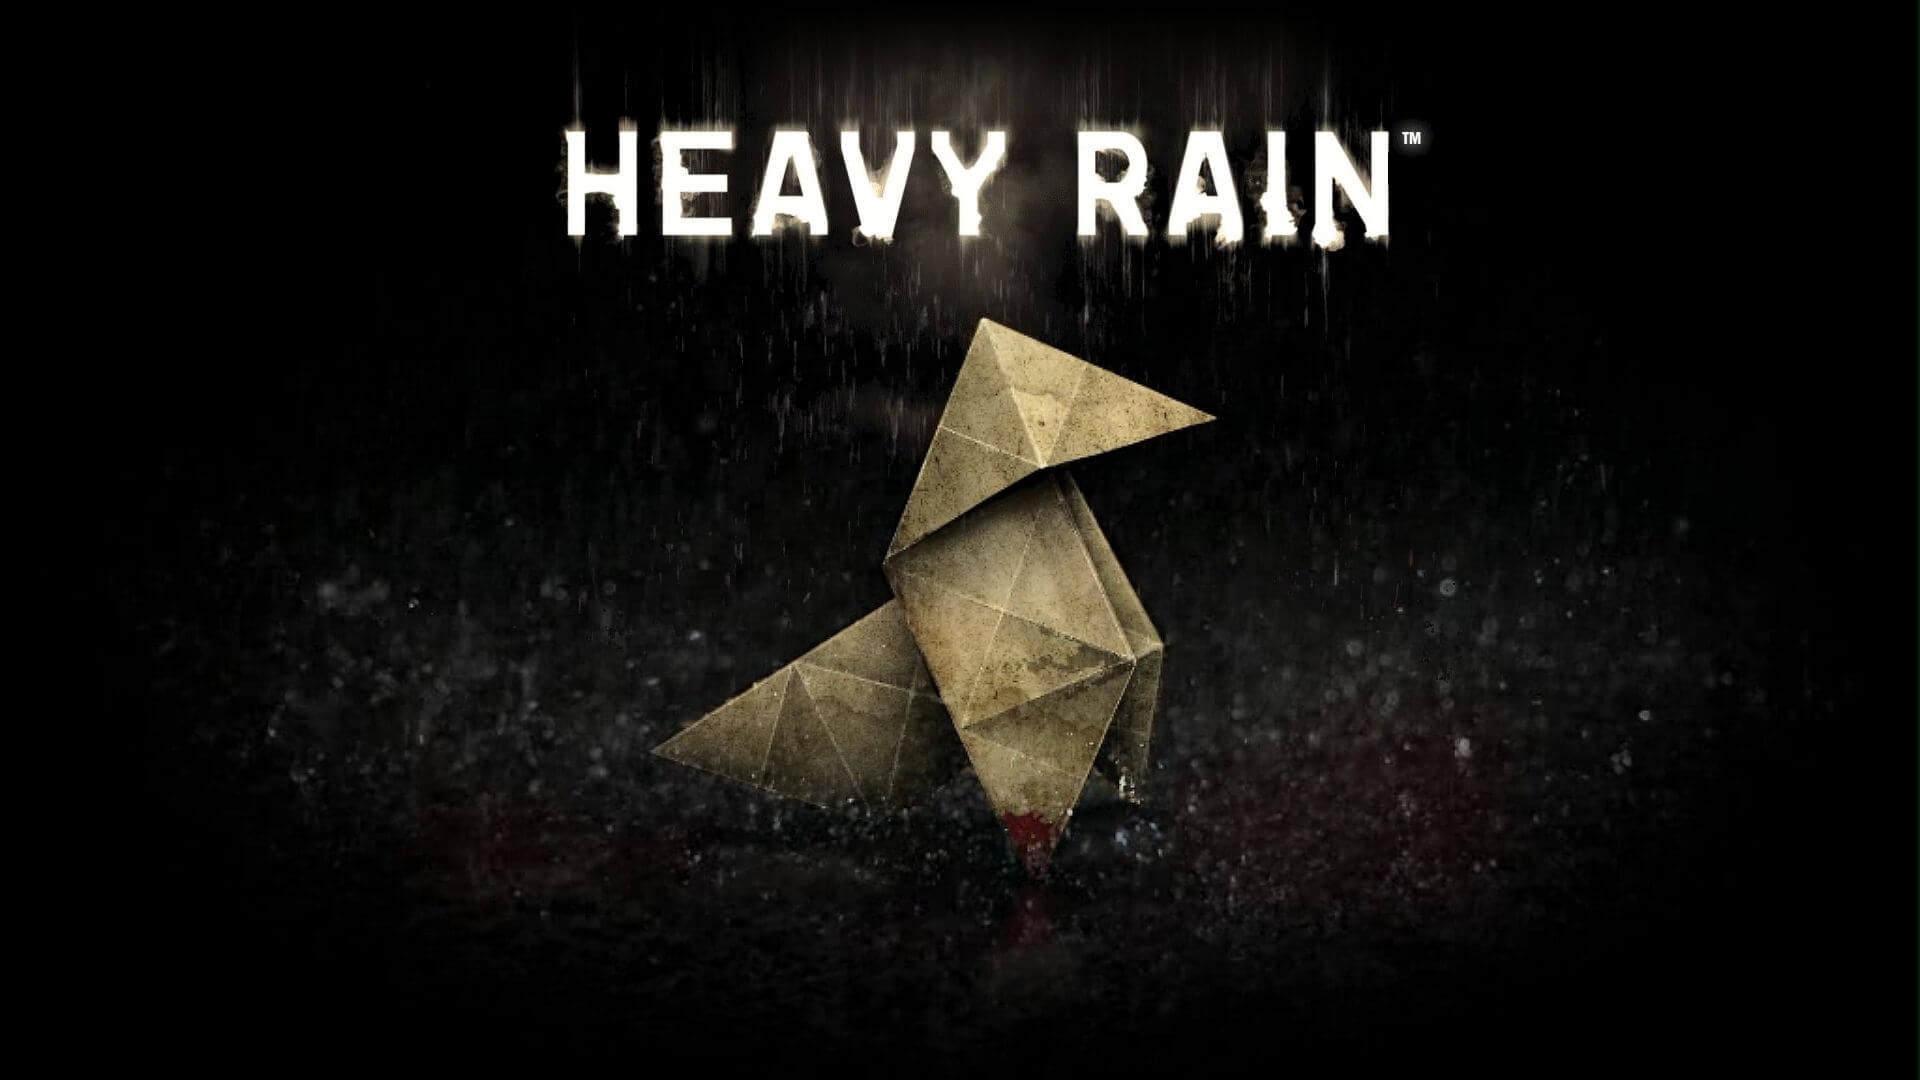 一通りクリアして次を考えてた時に丁度フリープレイが来た!今月はHEAVY RAINです